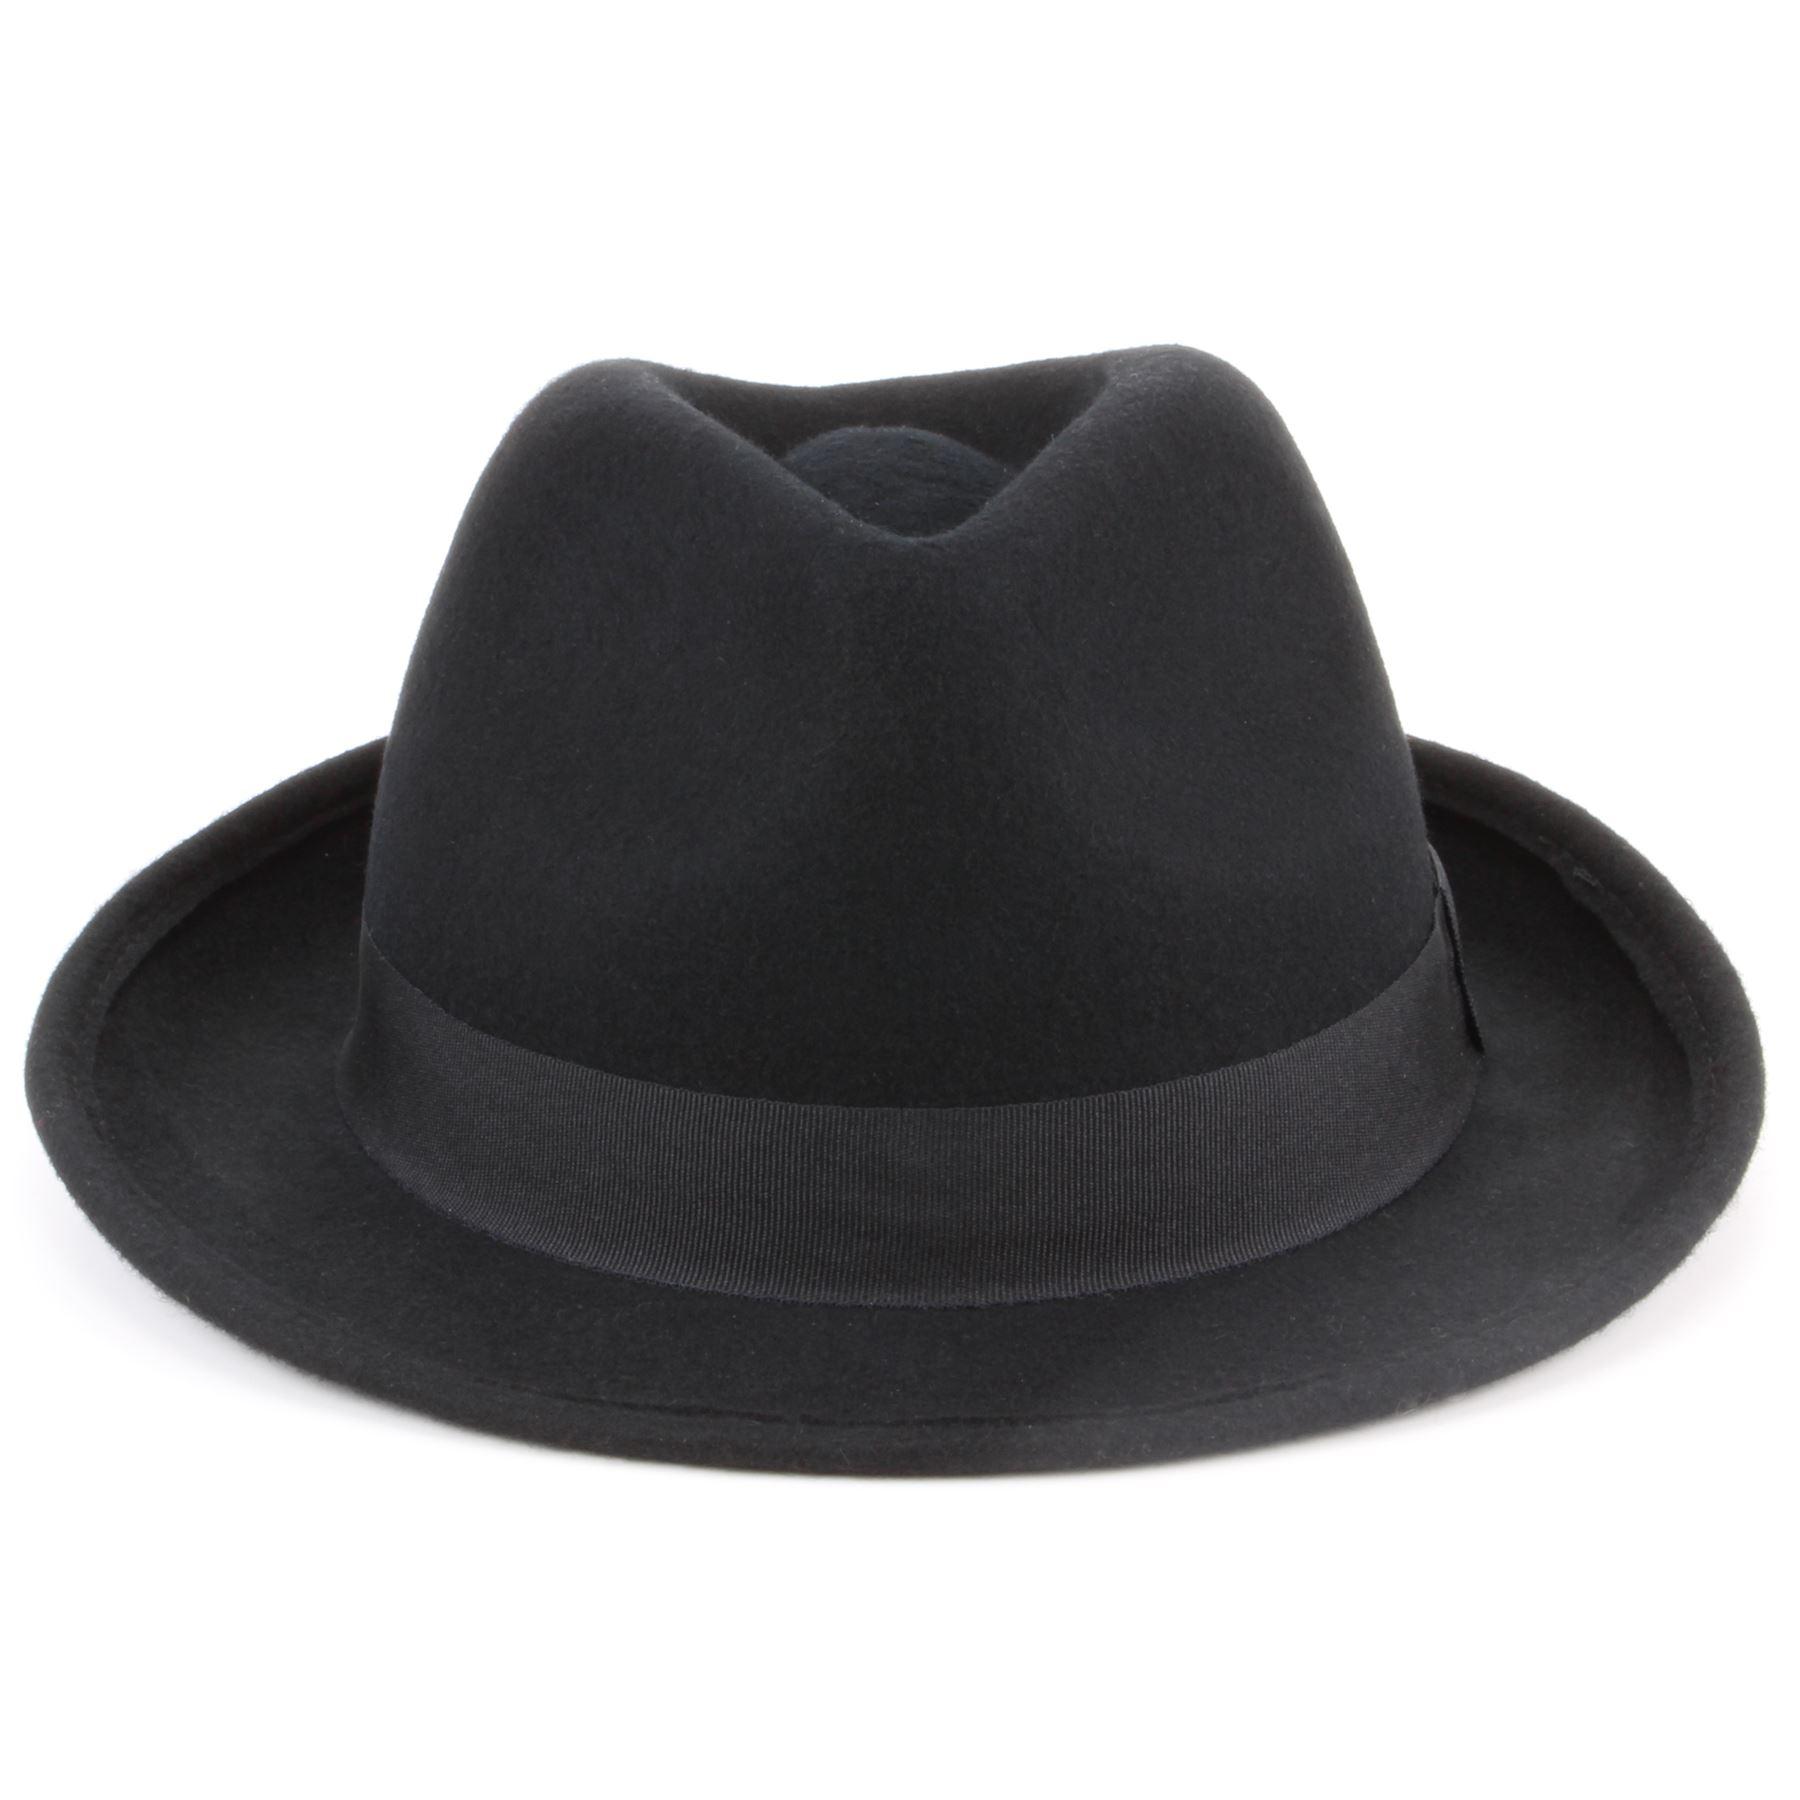 plutôt sympa rechercher les plus récents vente énorme Détails sur Laine trilby hat fedora feutre Hawkins Noir Marron Homme Femme  M S- afficher le titre d'origine